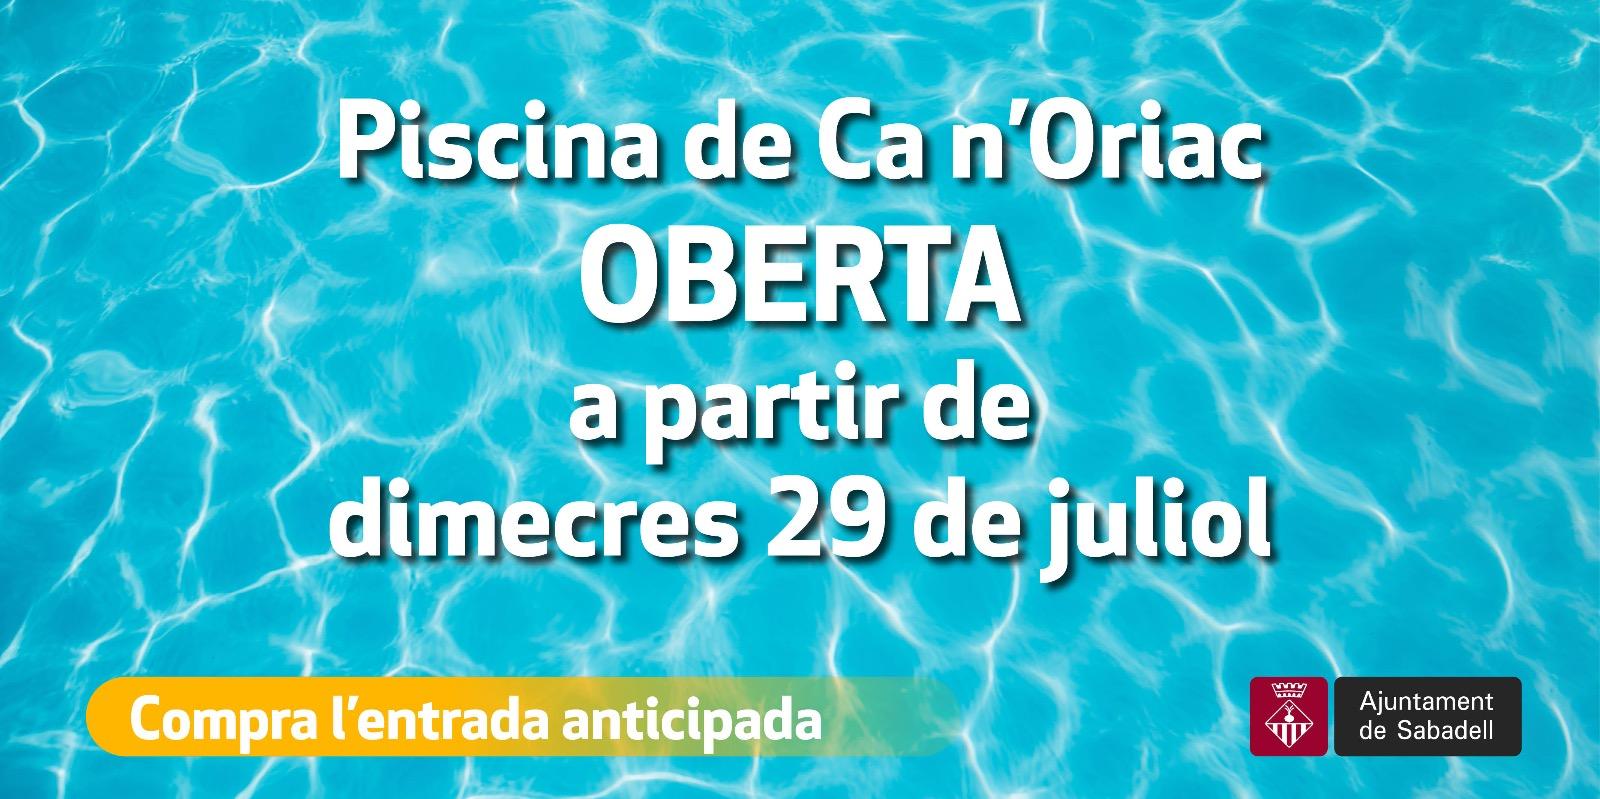 La piscina municipal de Ca n'Oriac obre demà dimecres